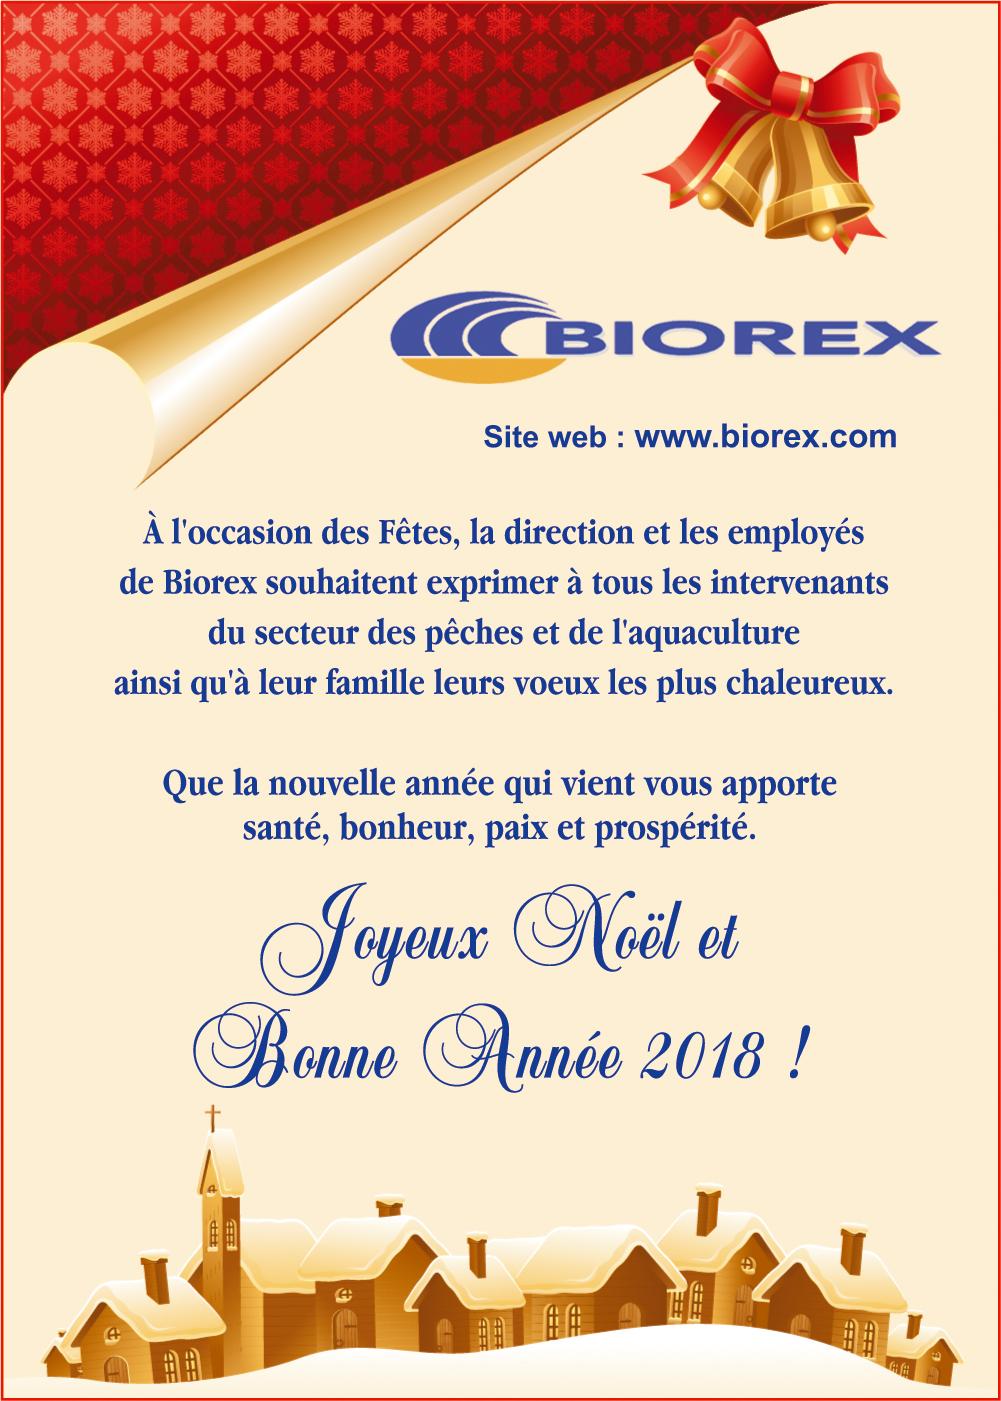 Biorex - Voeux